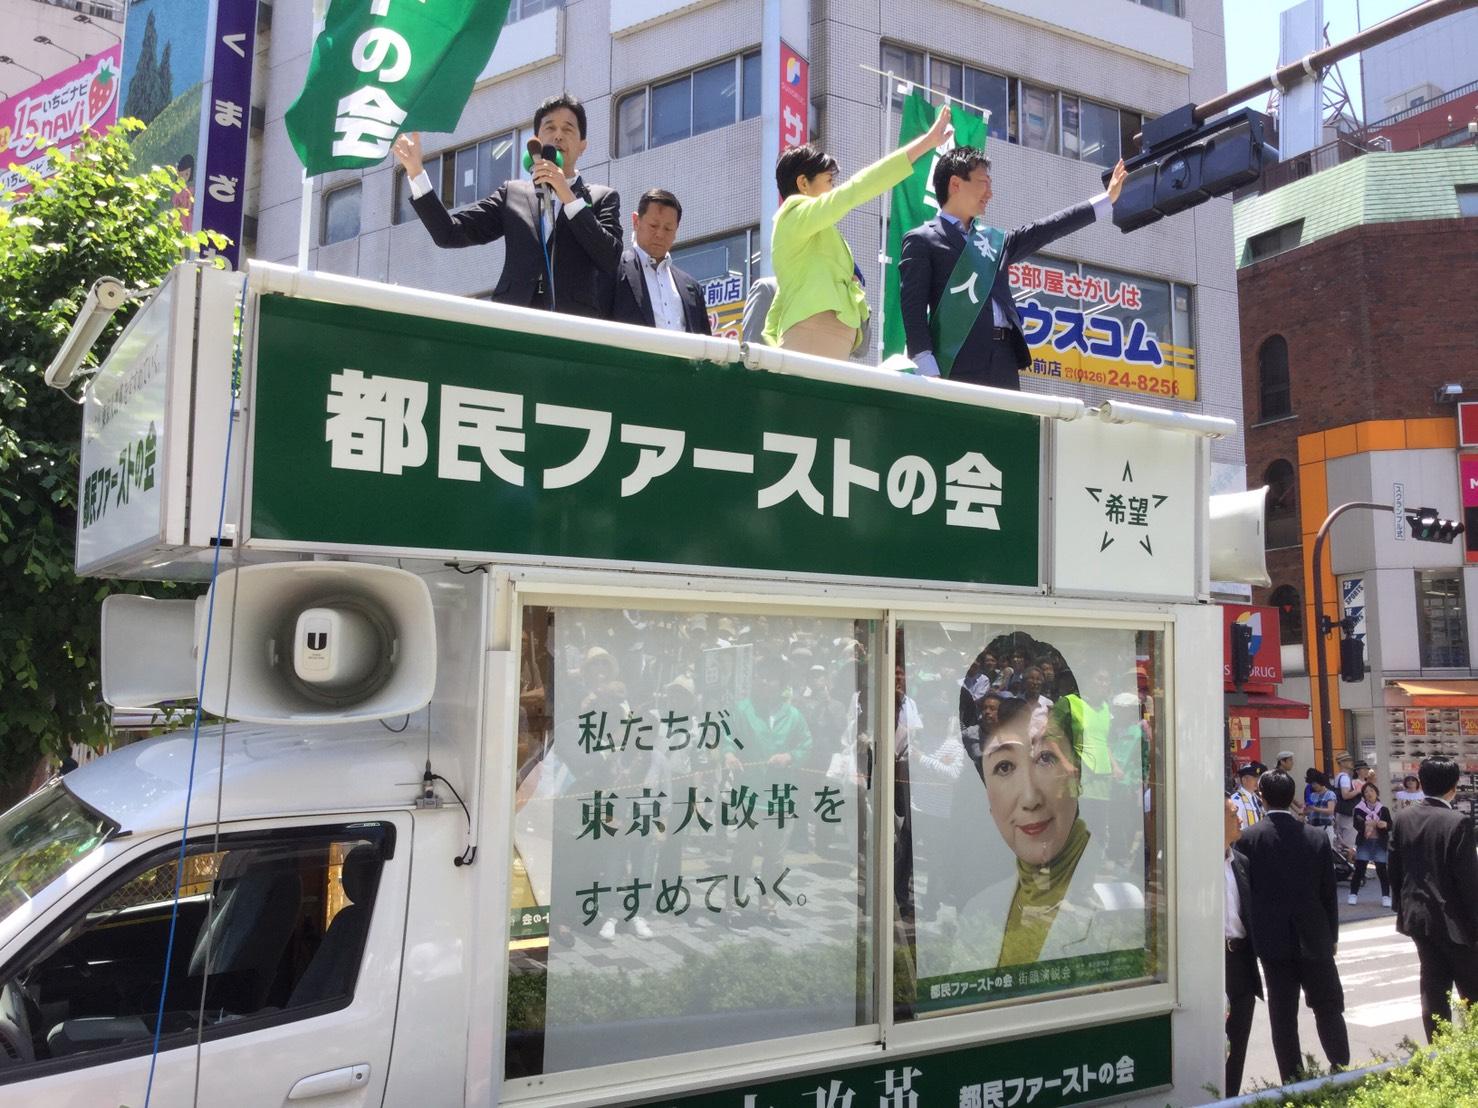 もろずみみのるとともに新しい東京をつくる会をチラシ